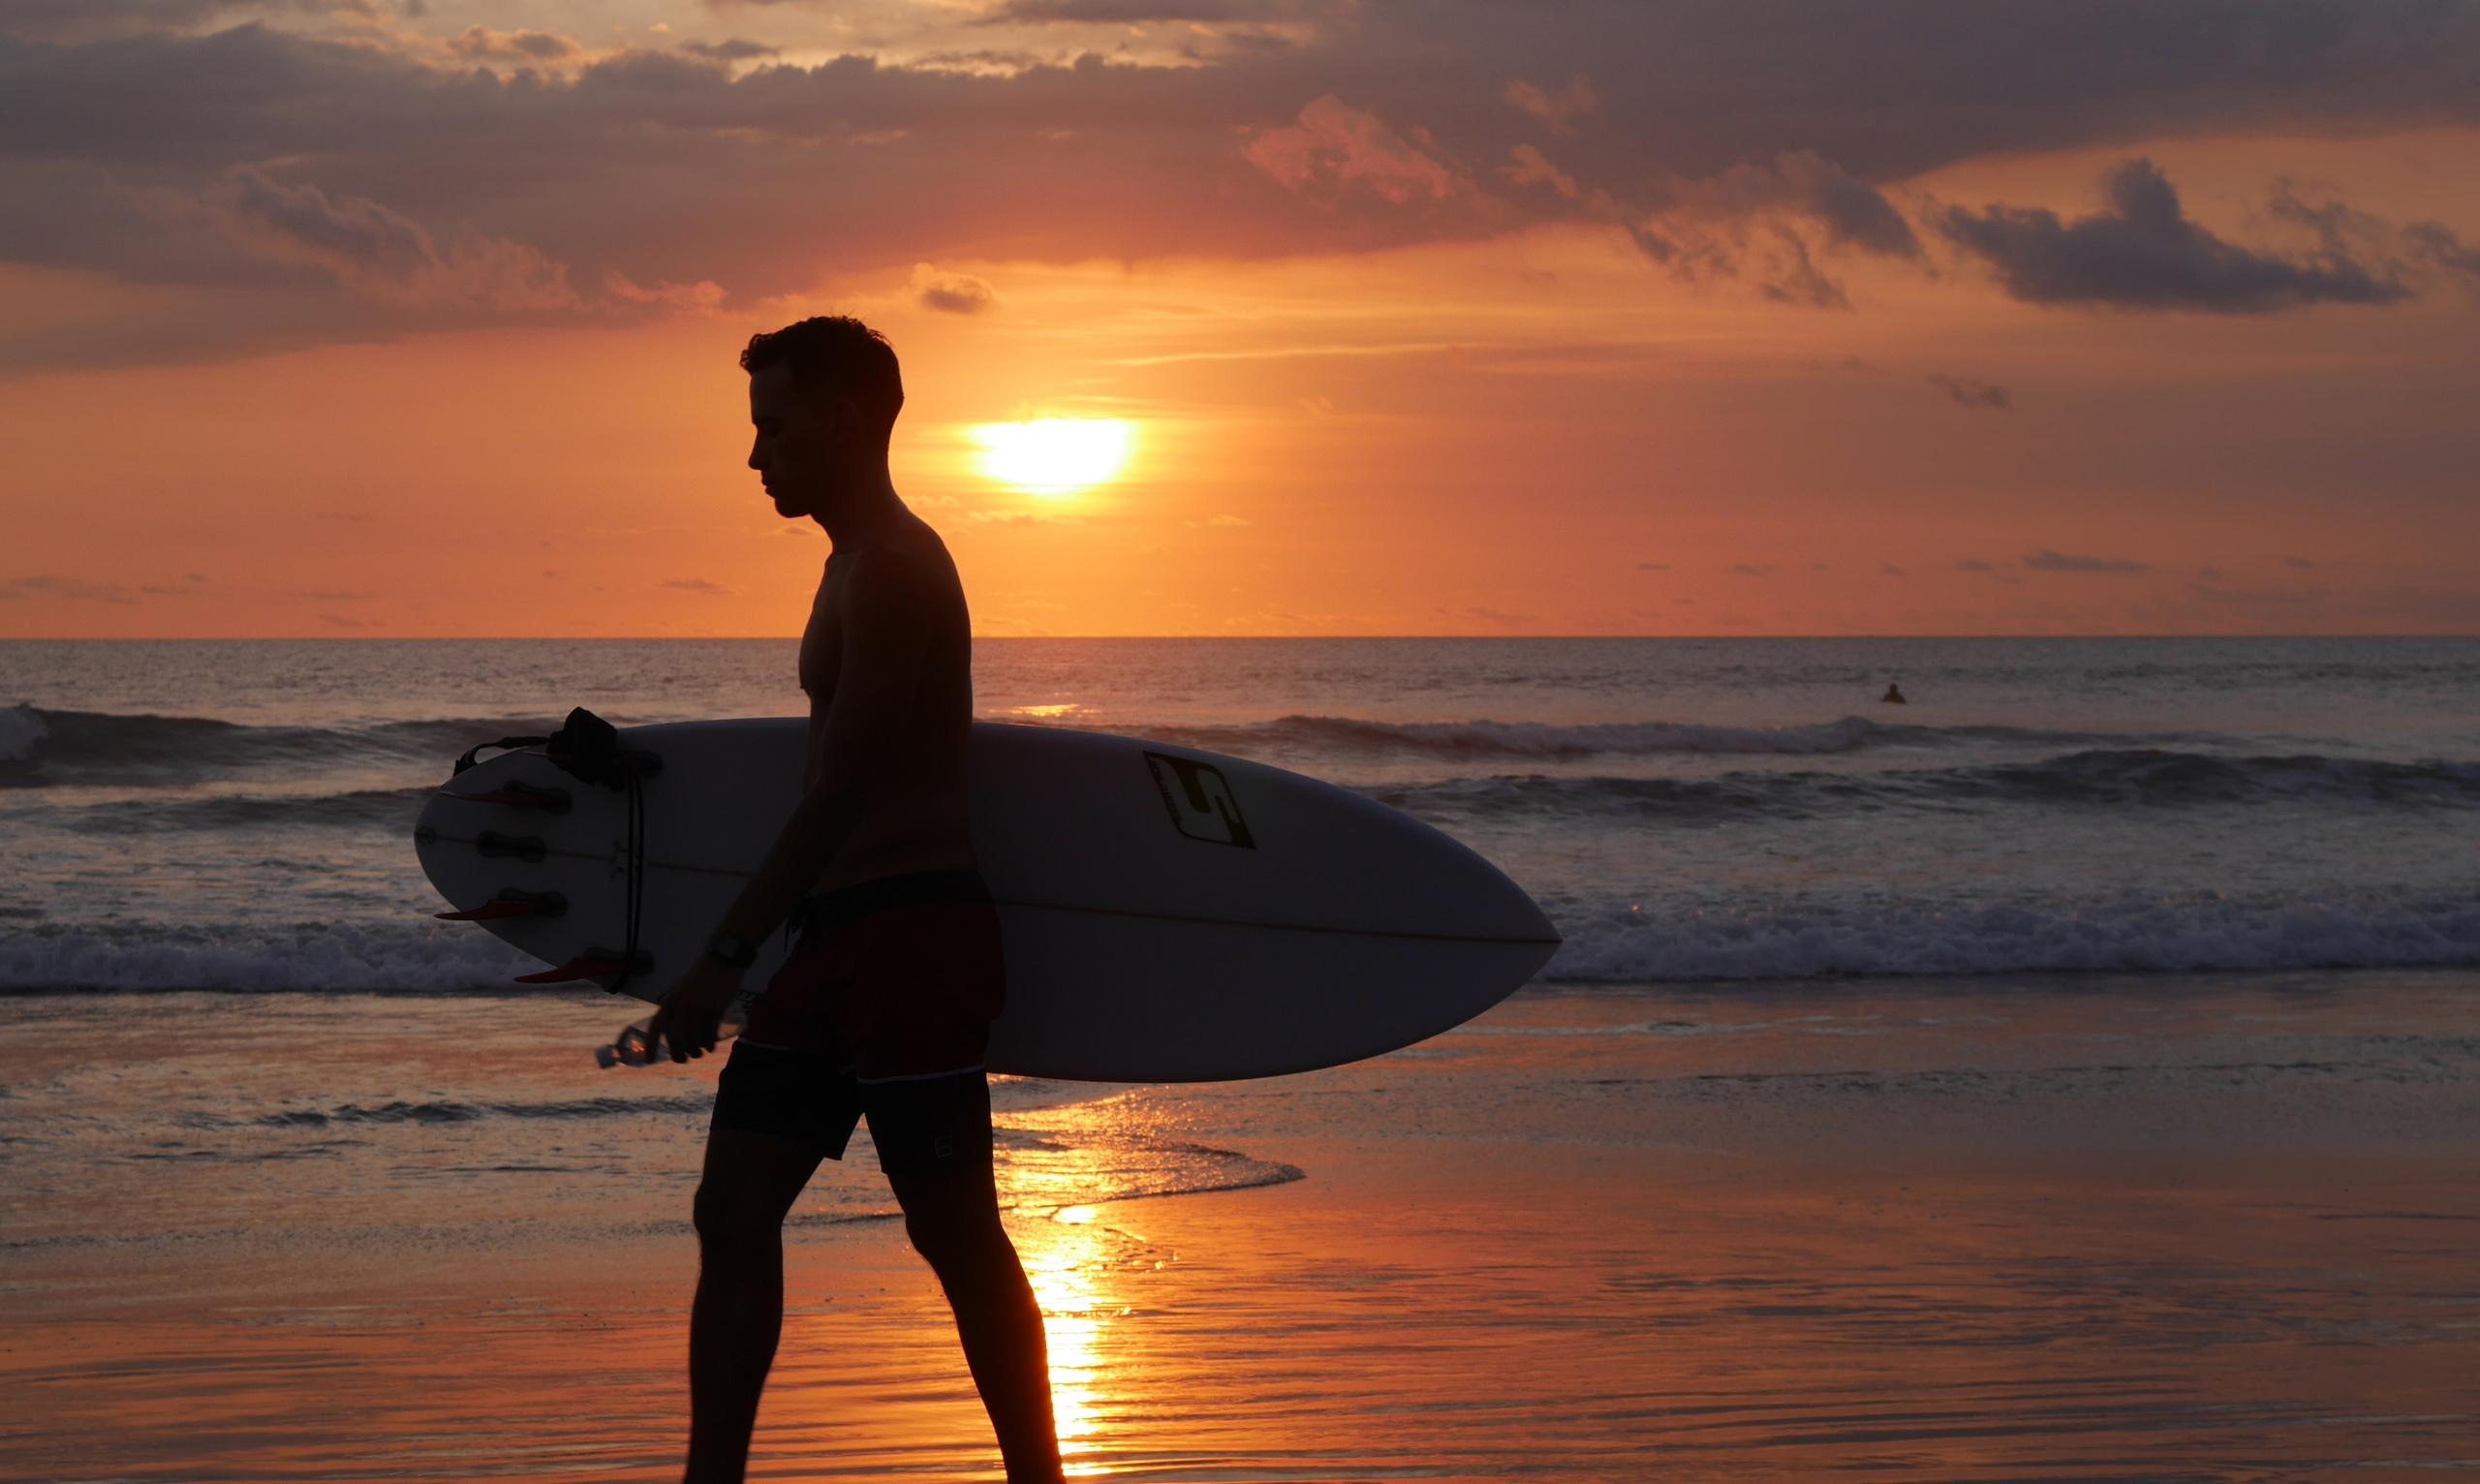 Bali - Seminyak Beach Surfer.jpg